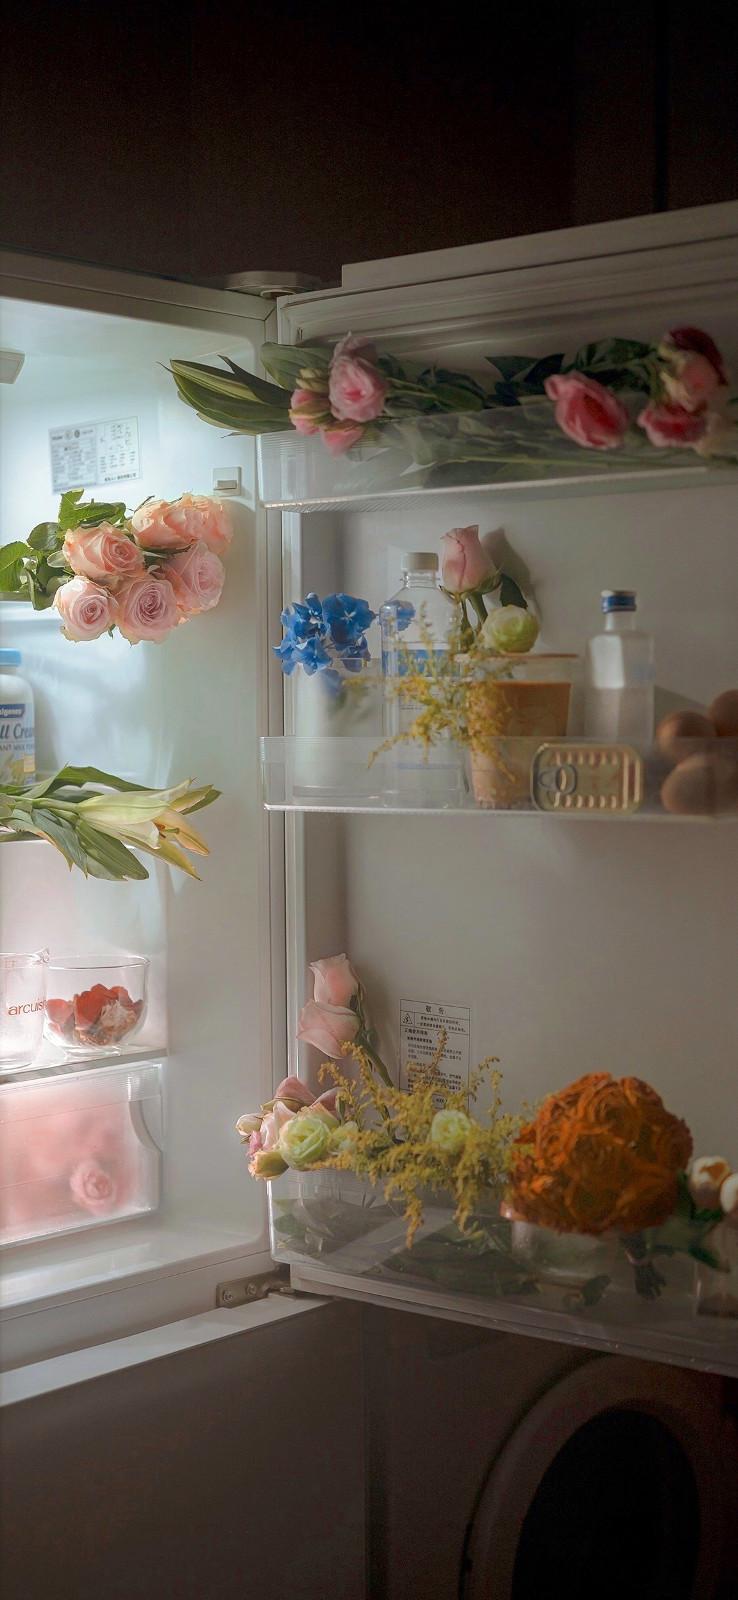 聊天背景图片壁纸高清唯美|希望你的九月有鲜花和浪漫